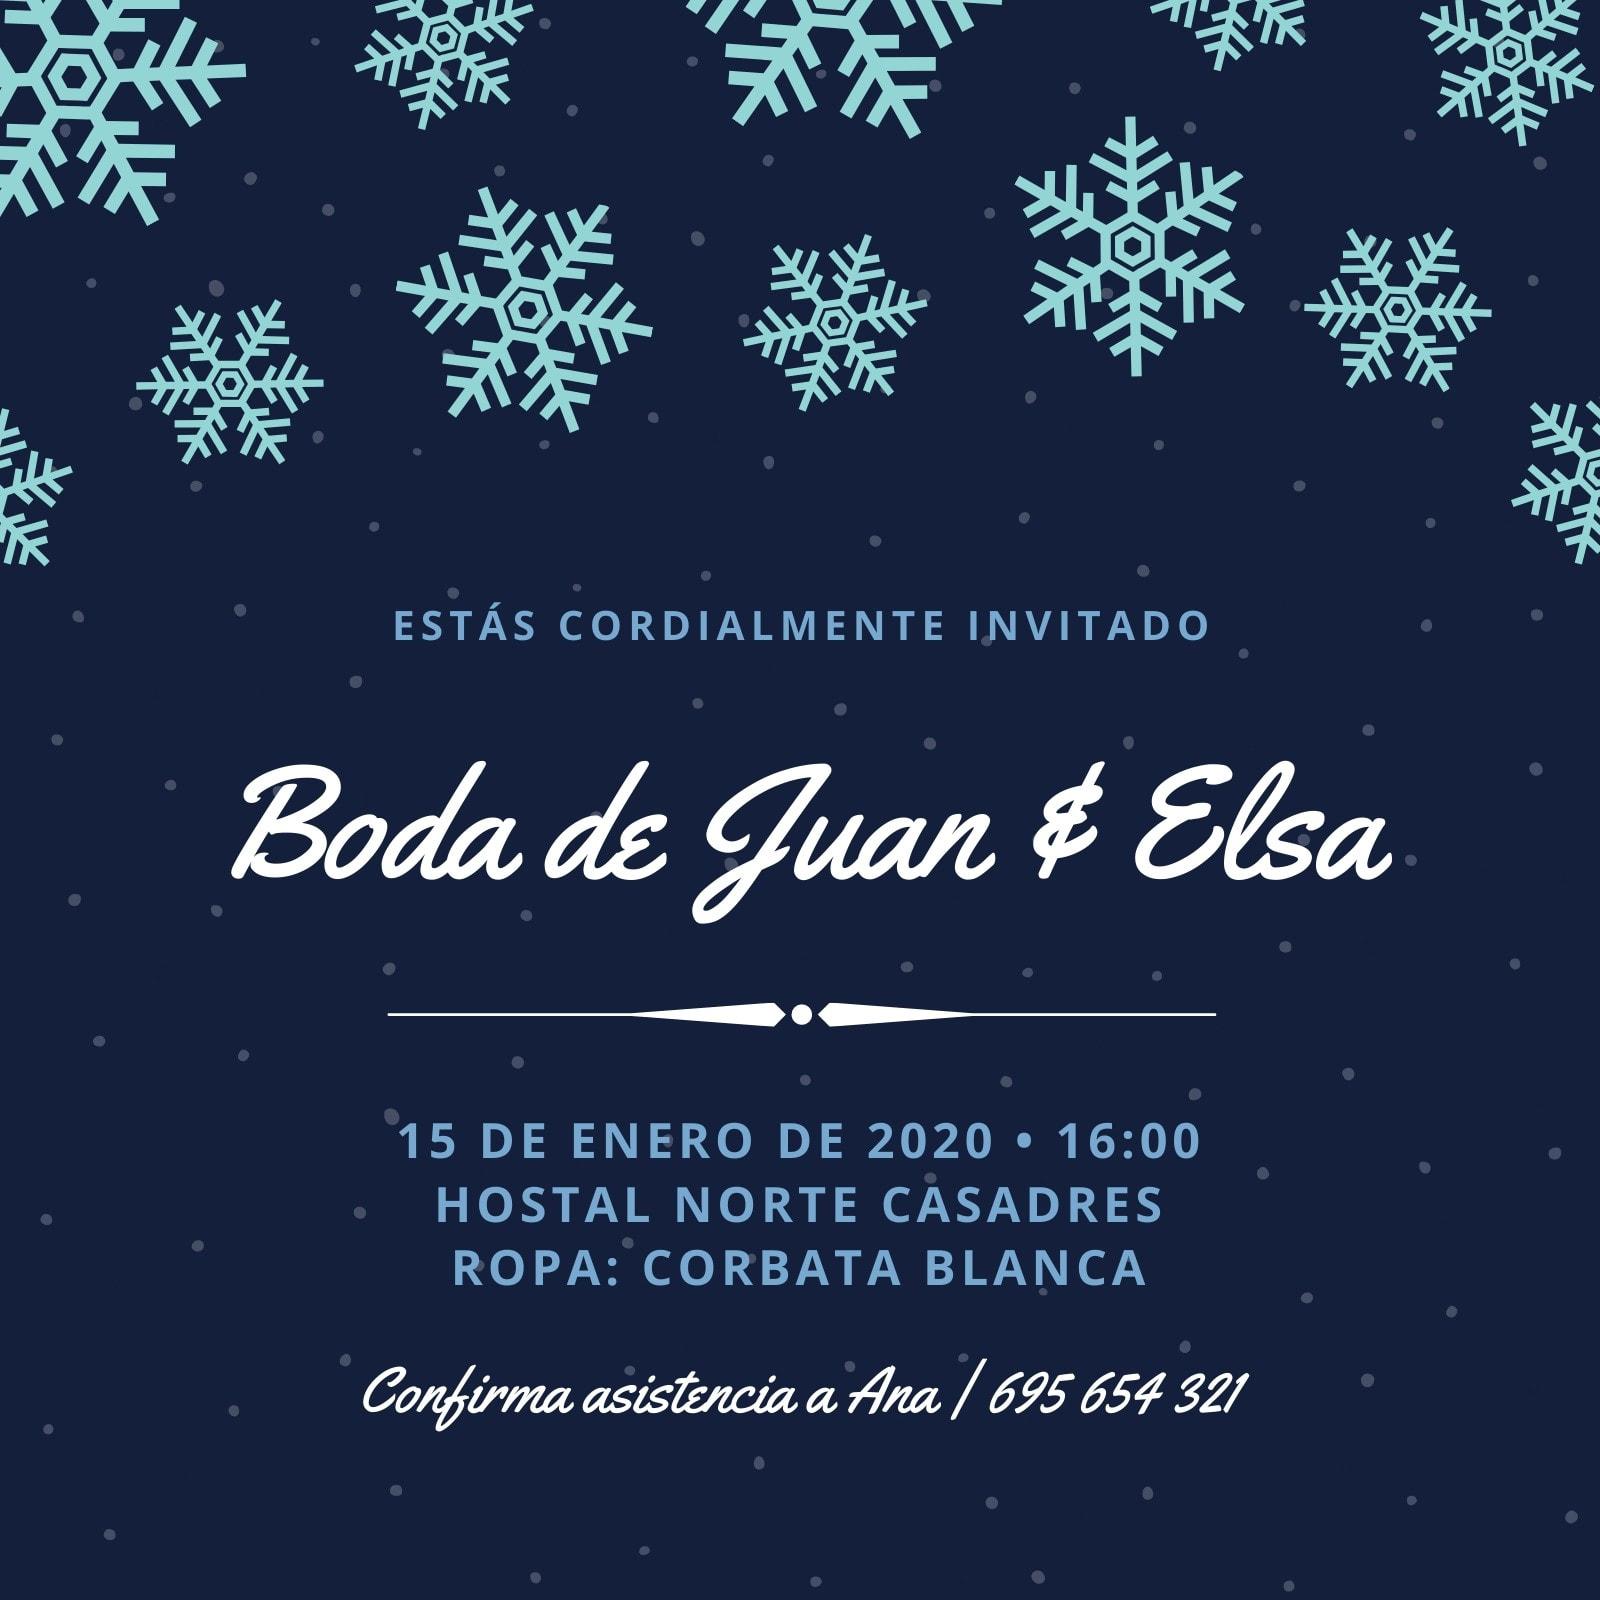 Azul Blanco Puntos Copos de Nieve Boda Invitación